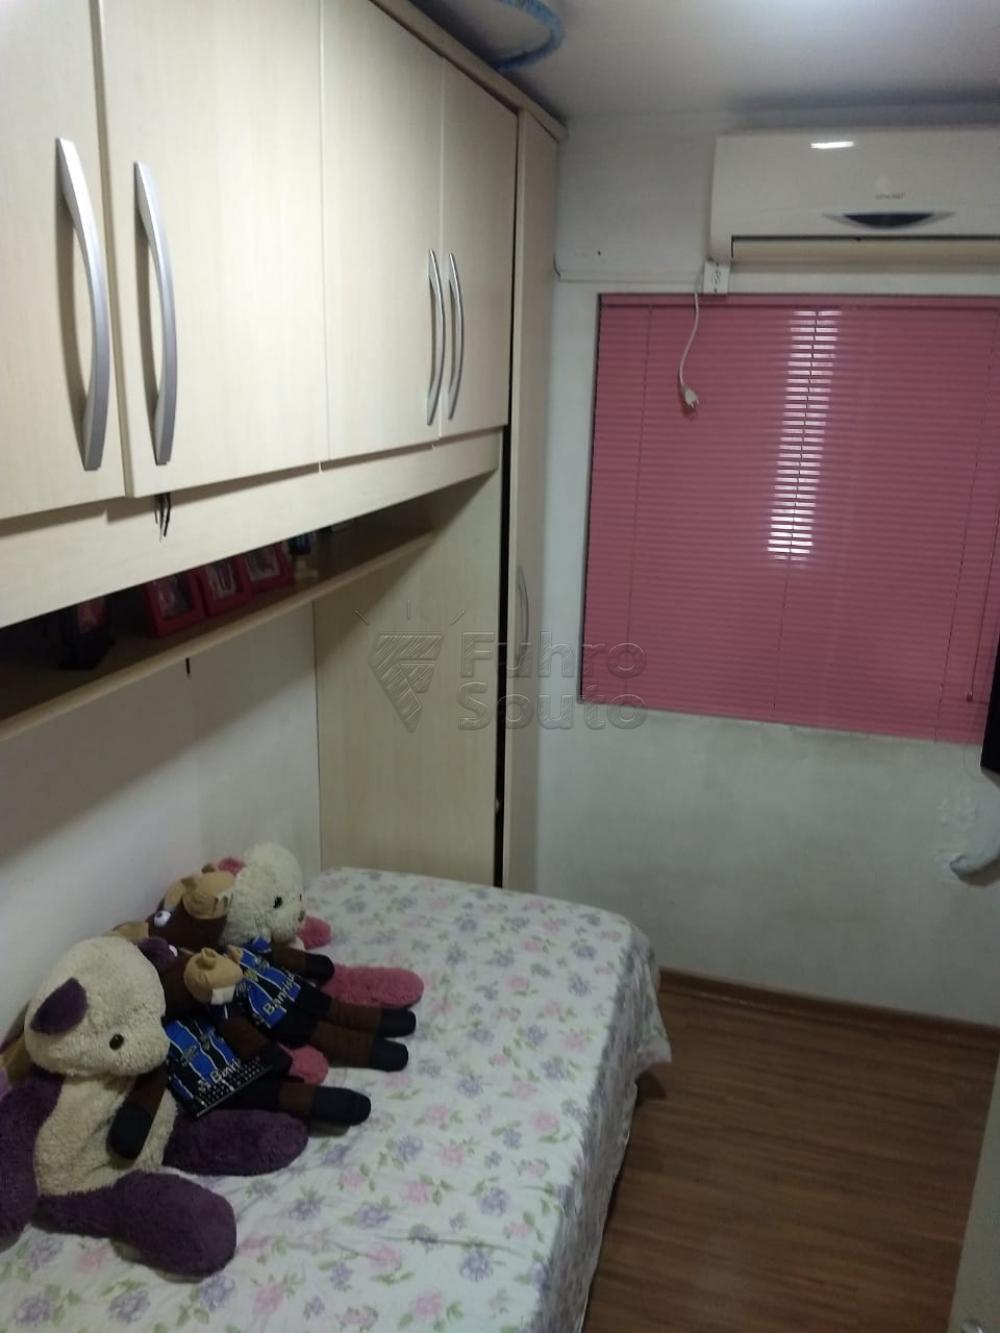 Comprar Apartamento / Padrão em Pelotas R$ 186.000,00 - Foto 5